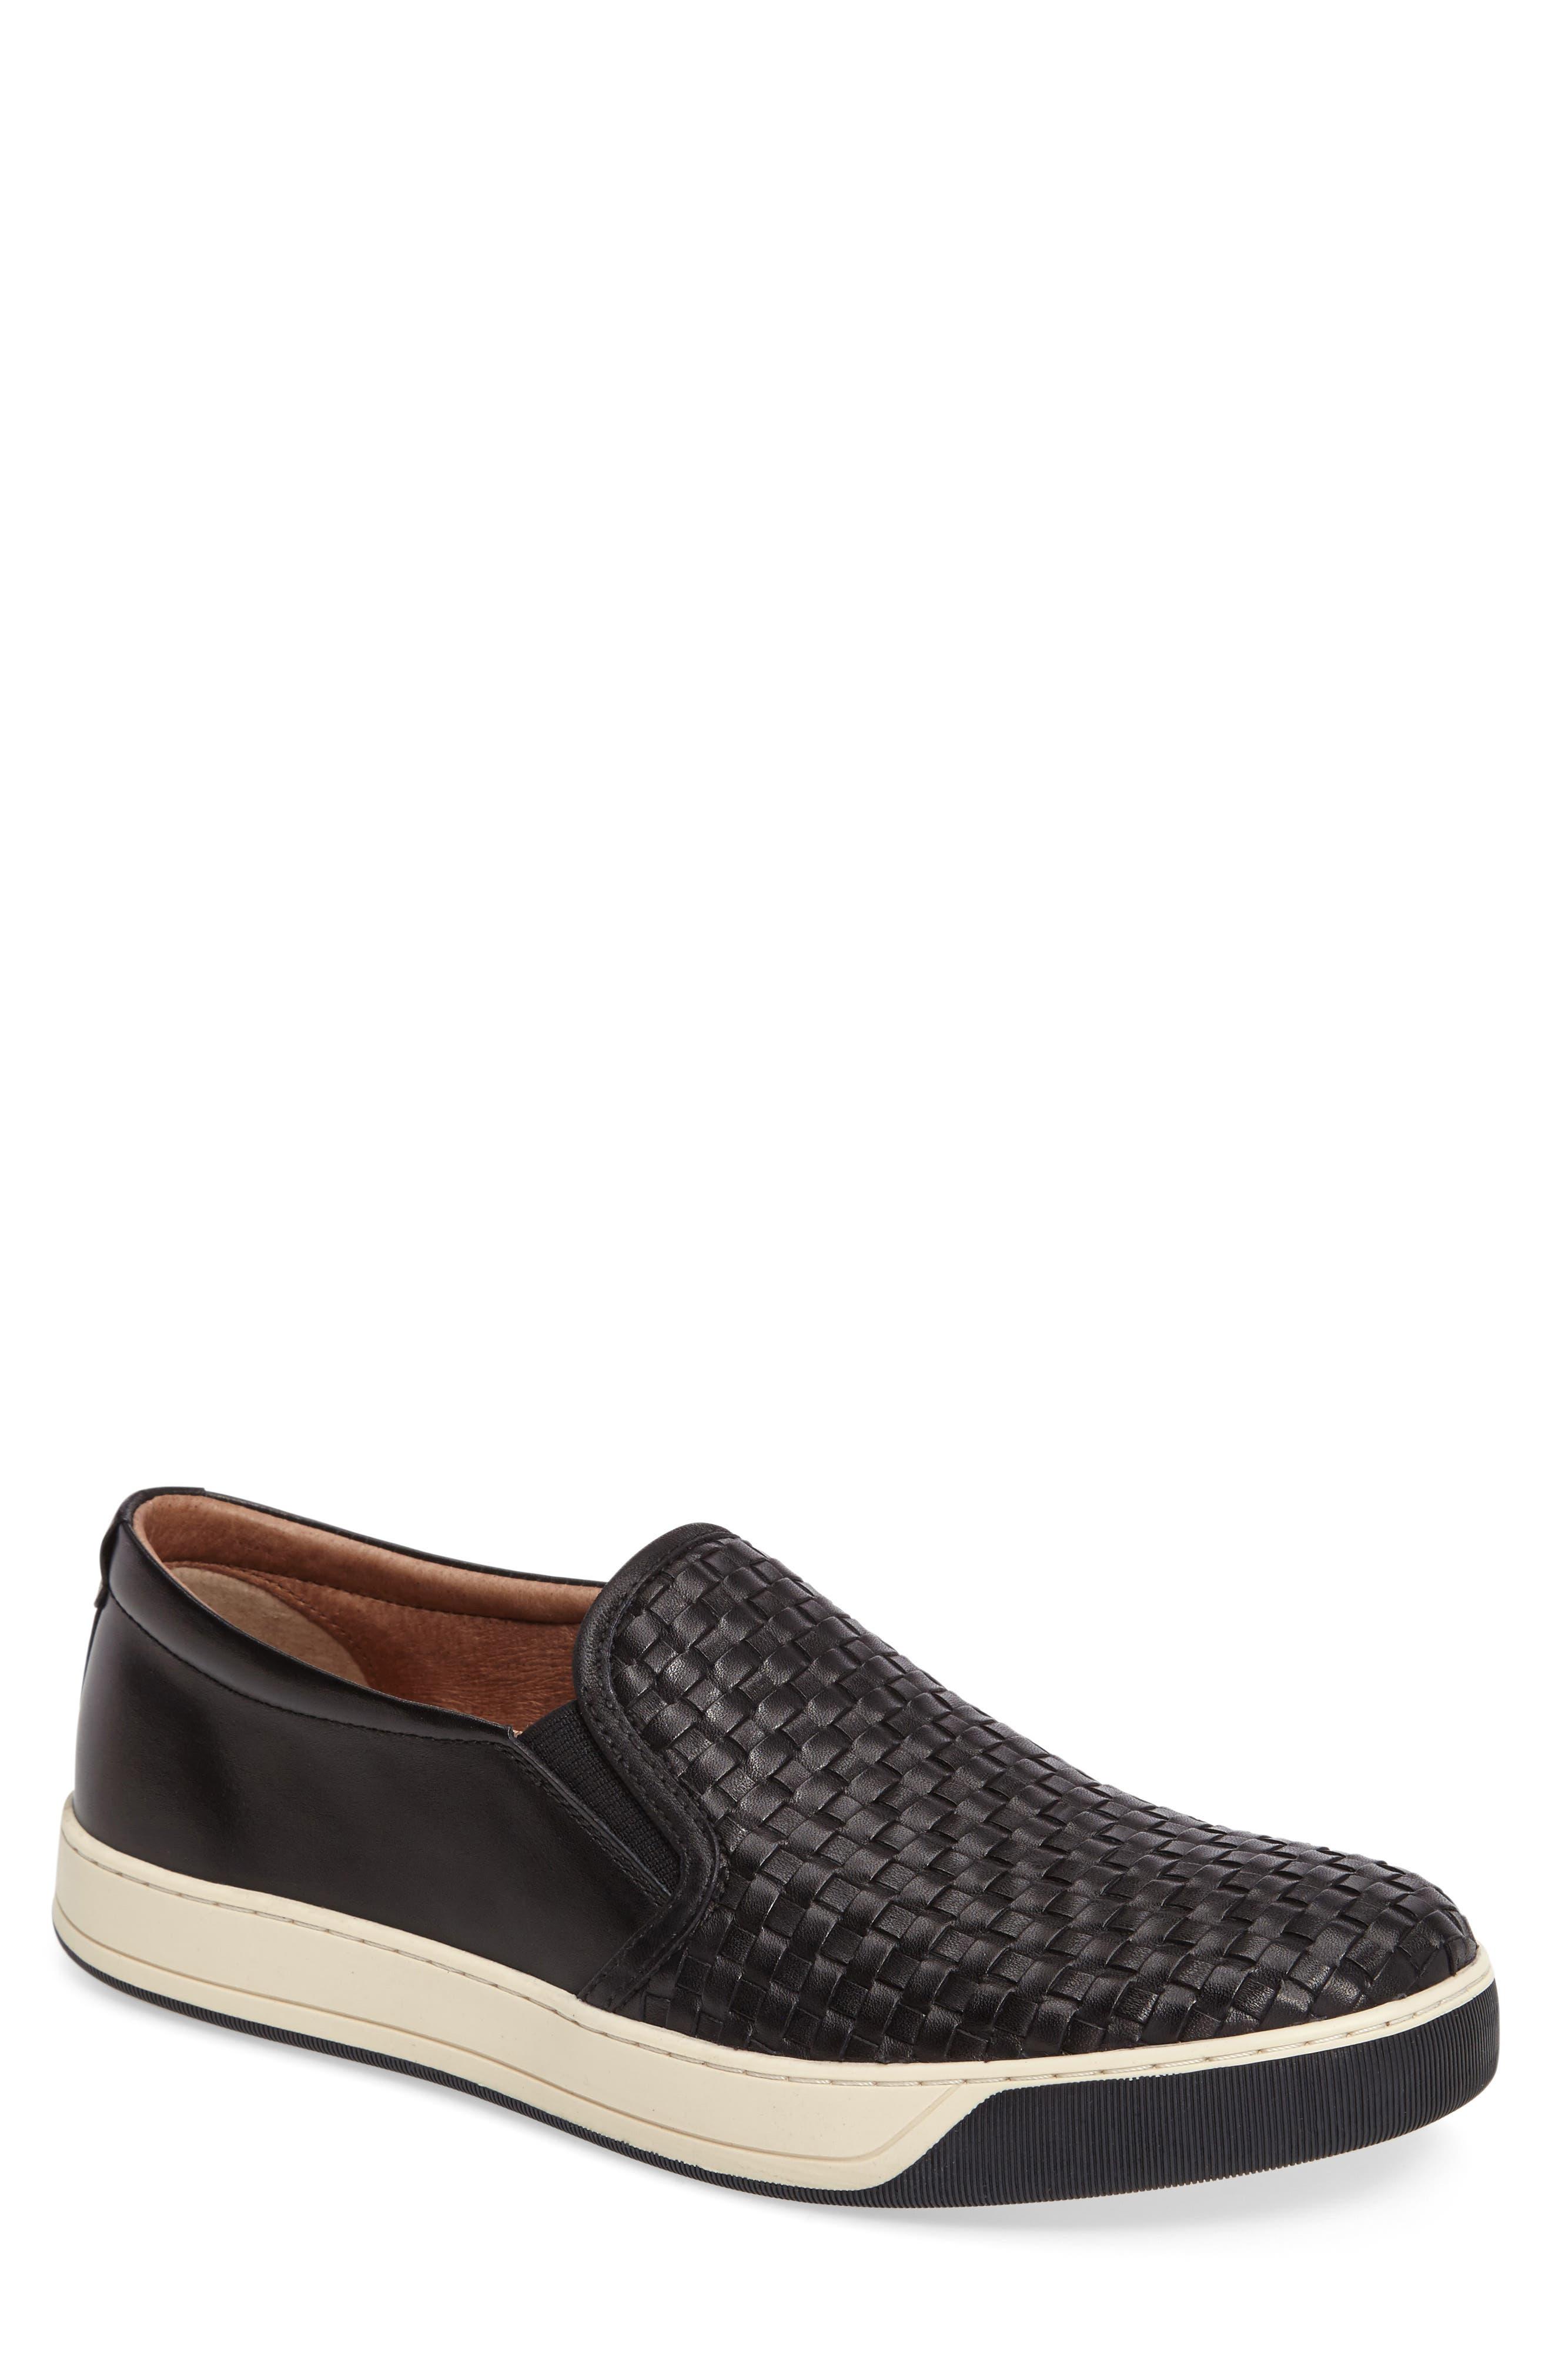 J & m 1850 Allister Slip-On Sneaker